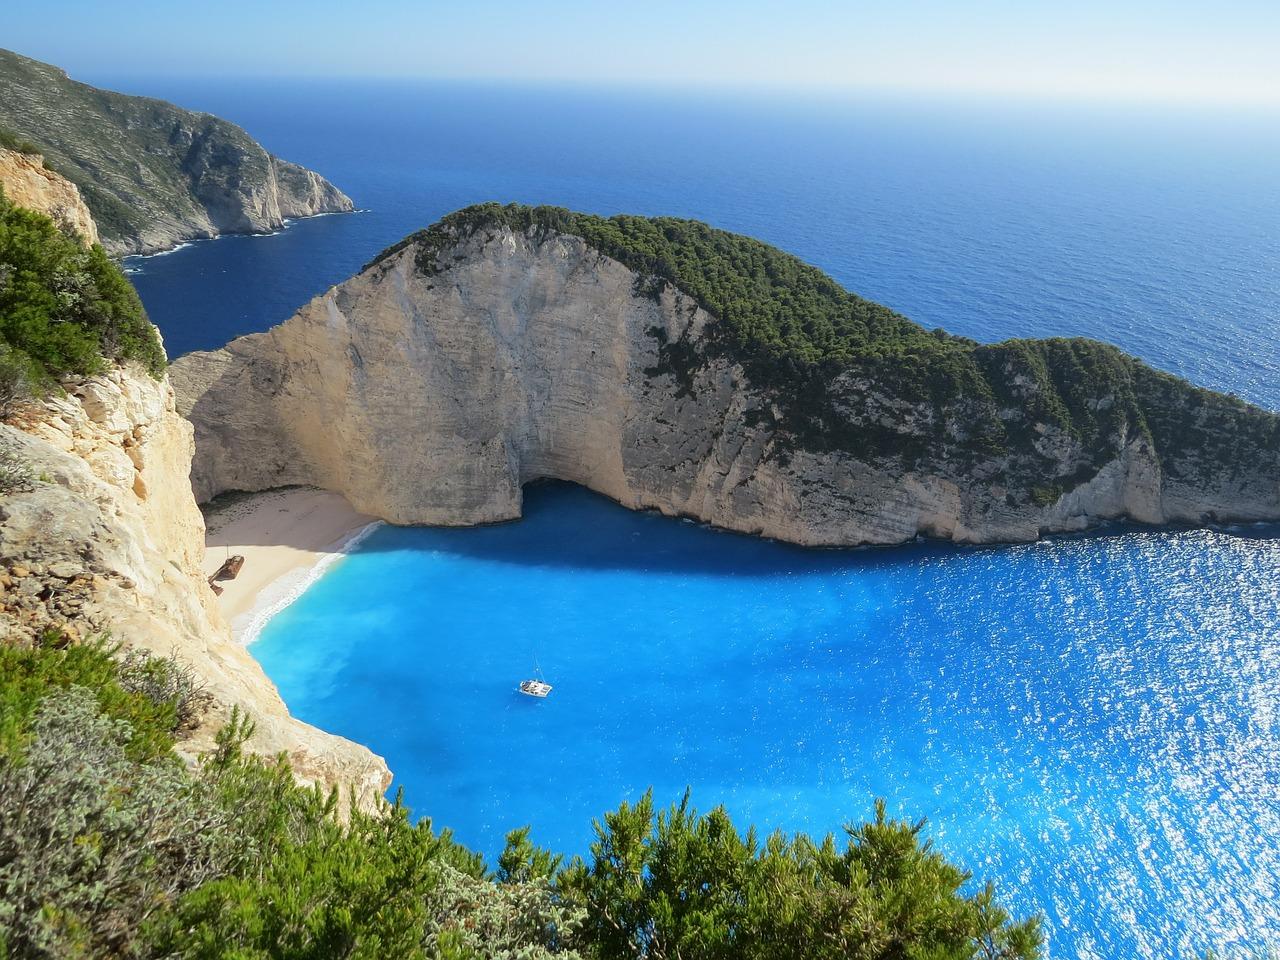 Urlaub finanzieren mit Kredit